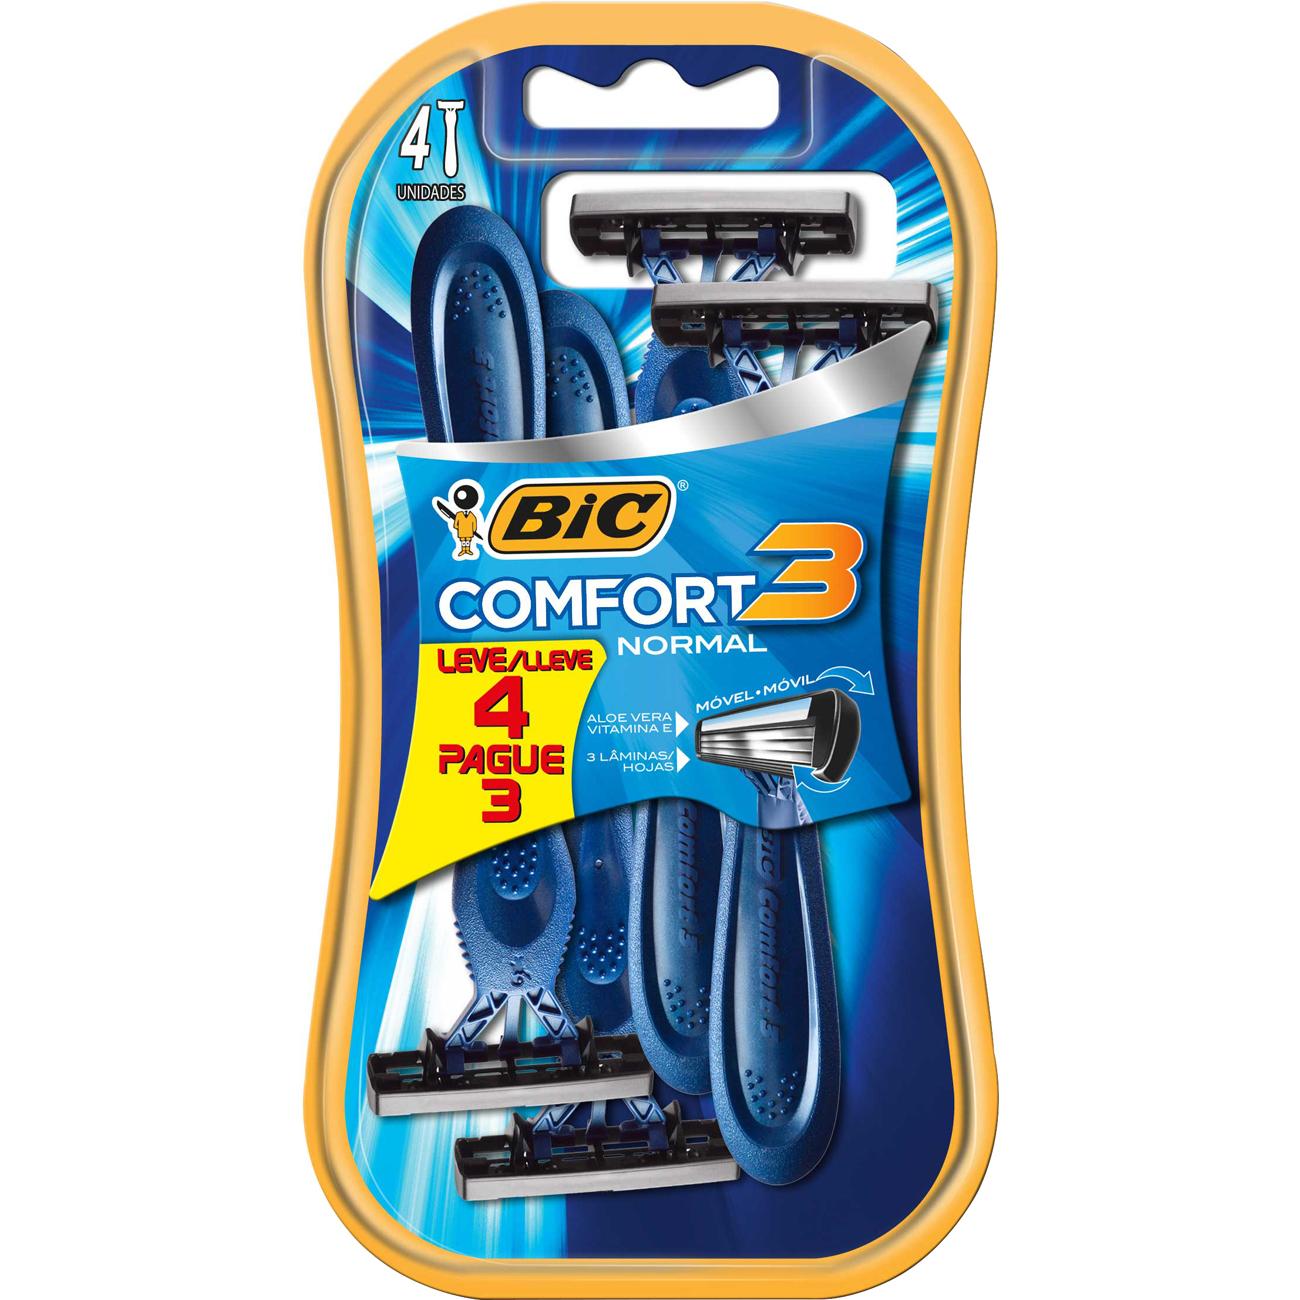 Aparelho de Barbear Bic Comfort 3 Pele Normal Leve 4 Pague 3 Unidades